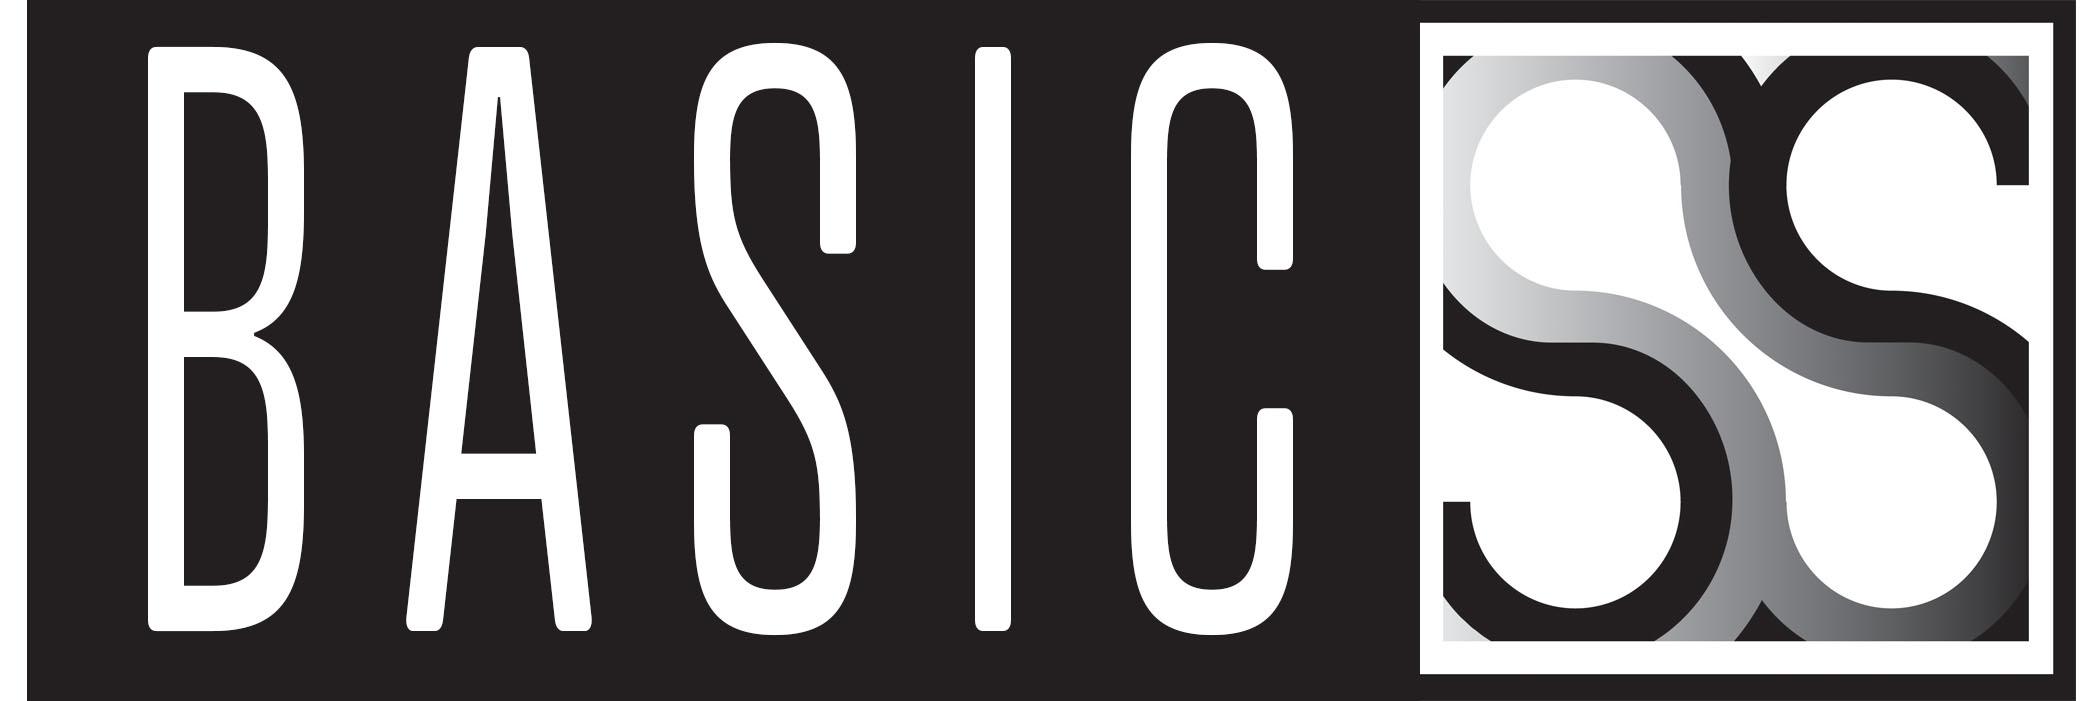 BASICSS logo.jpg